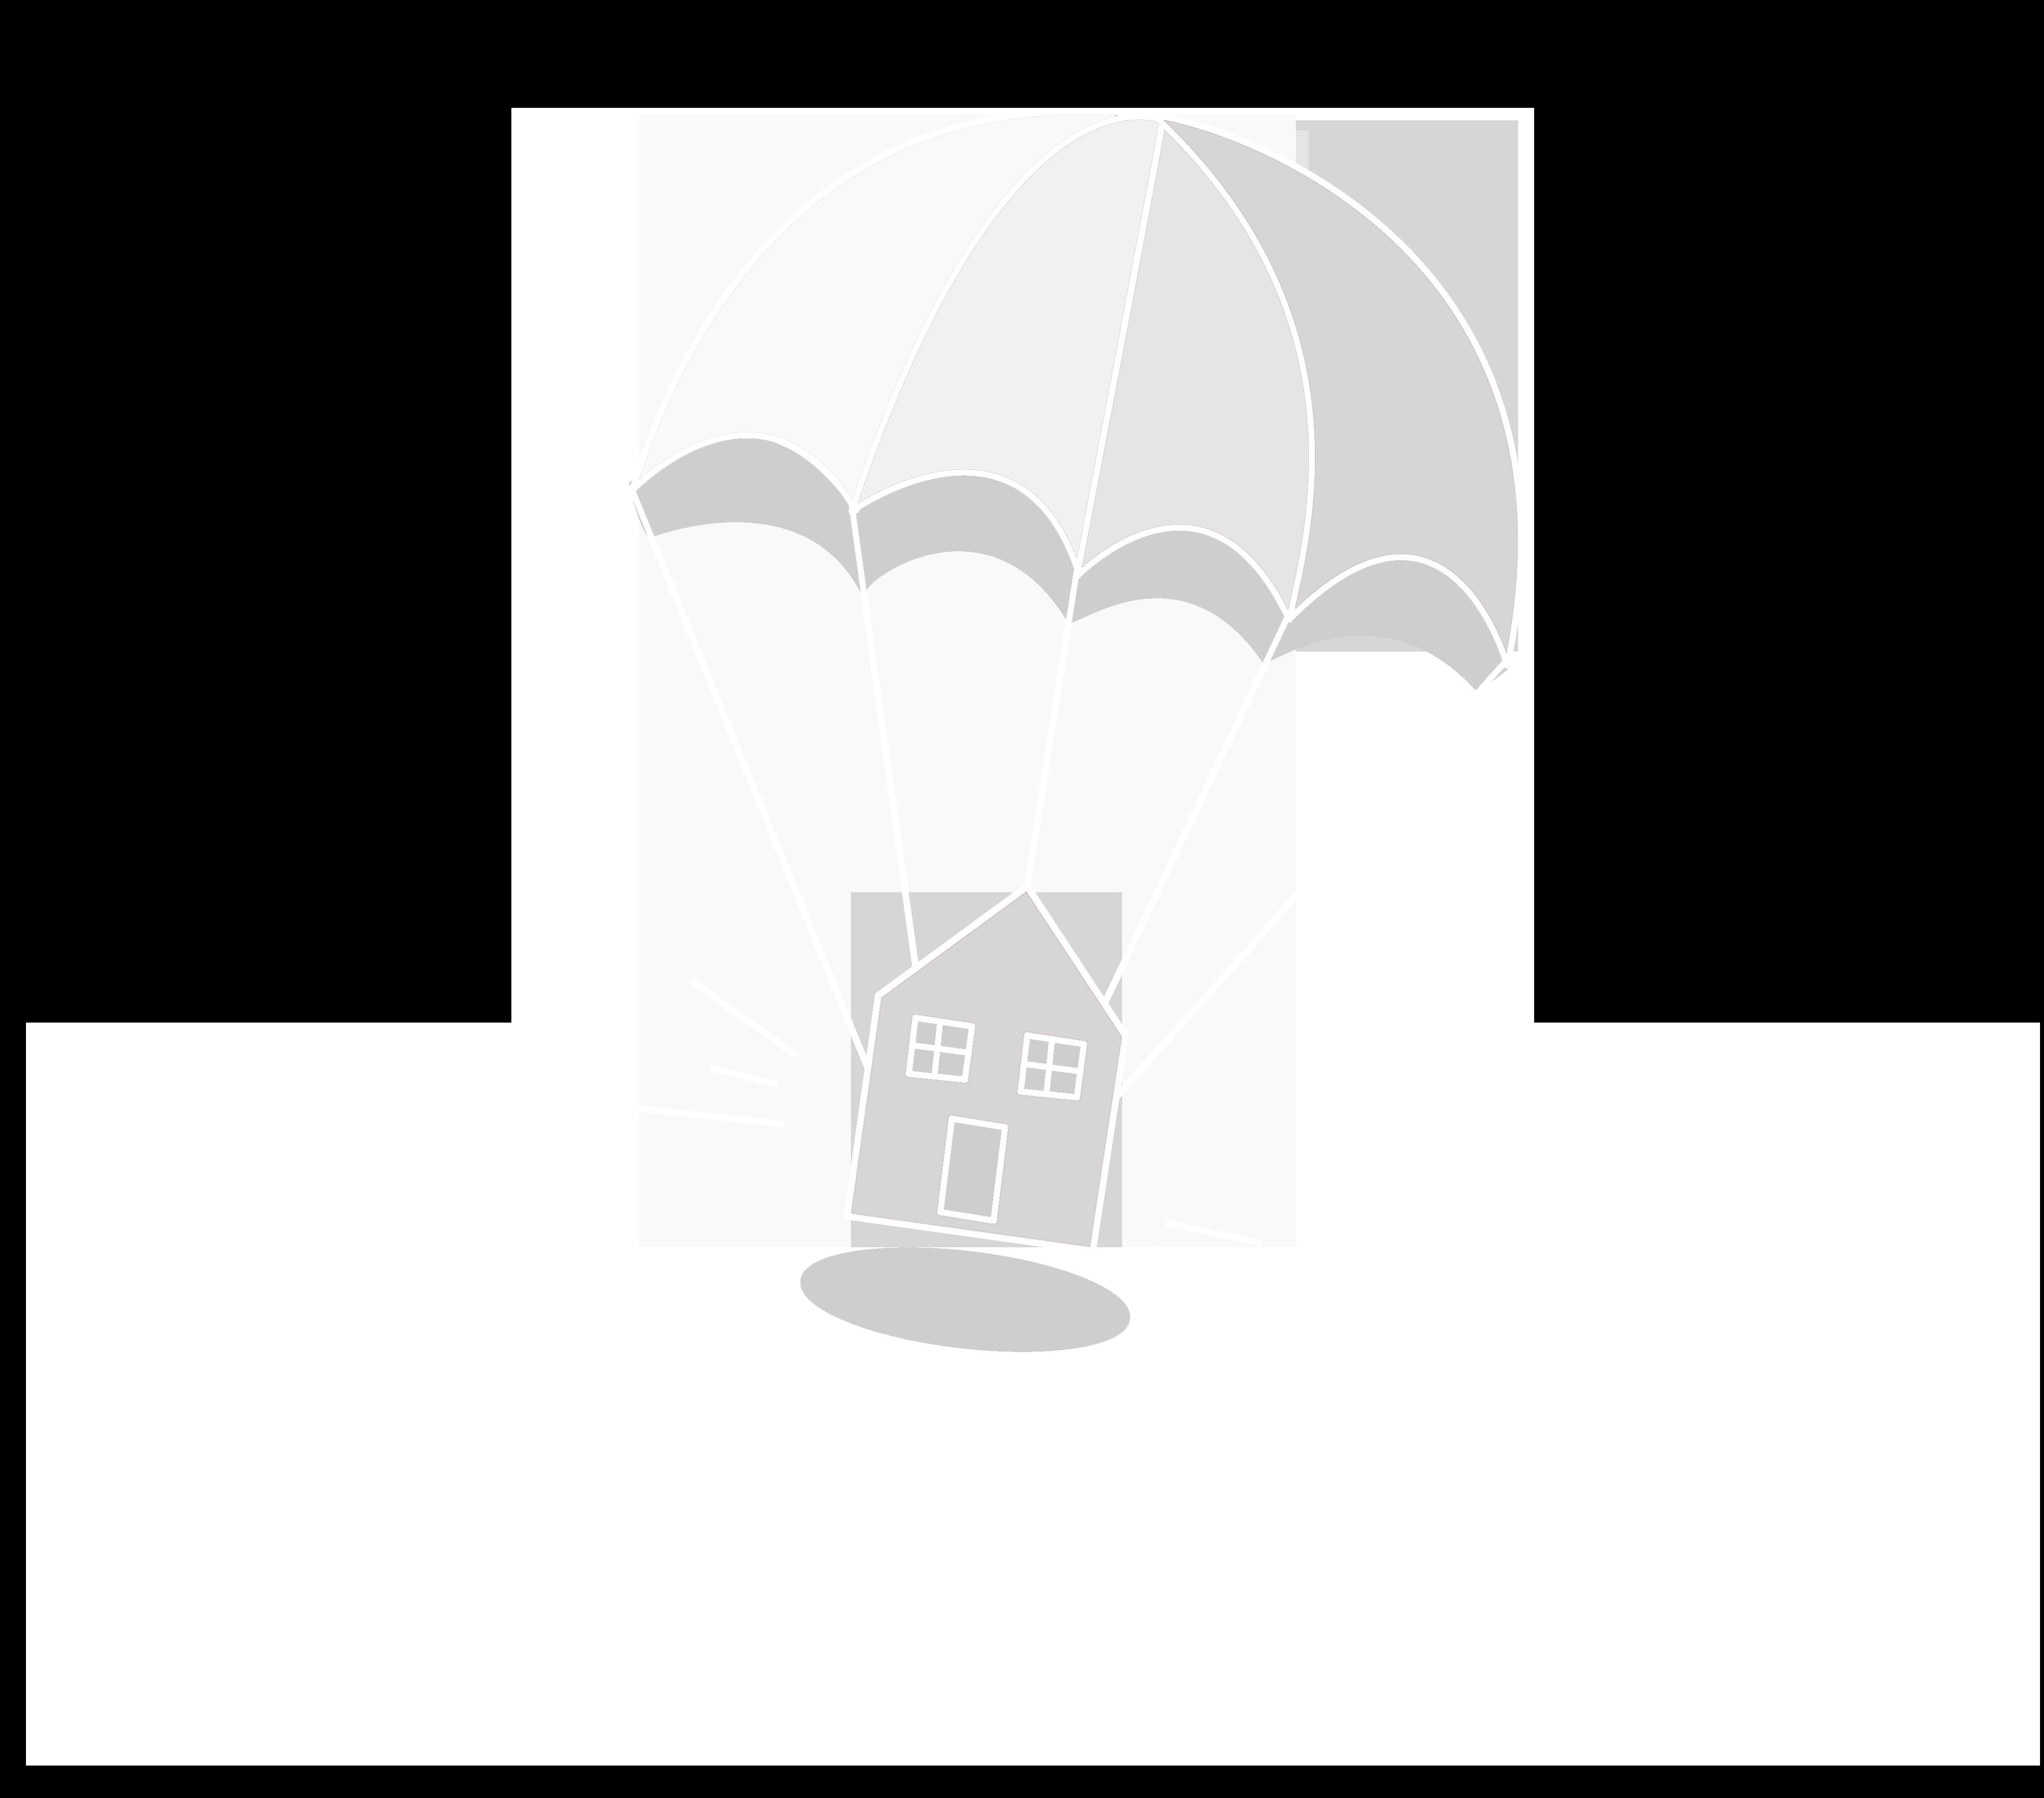 Parachute Management Company